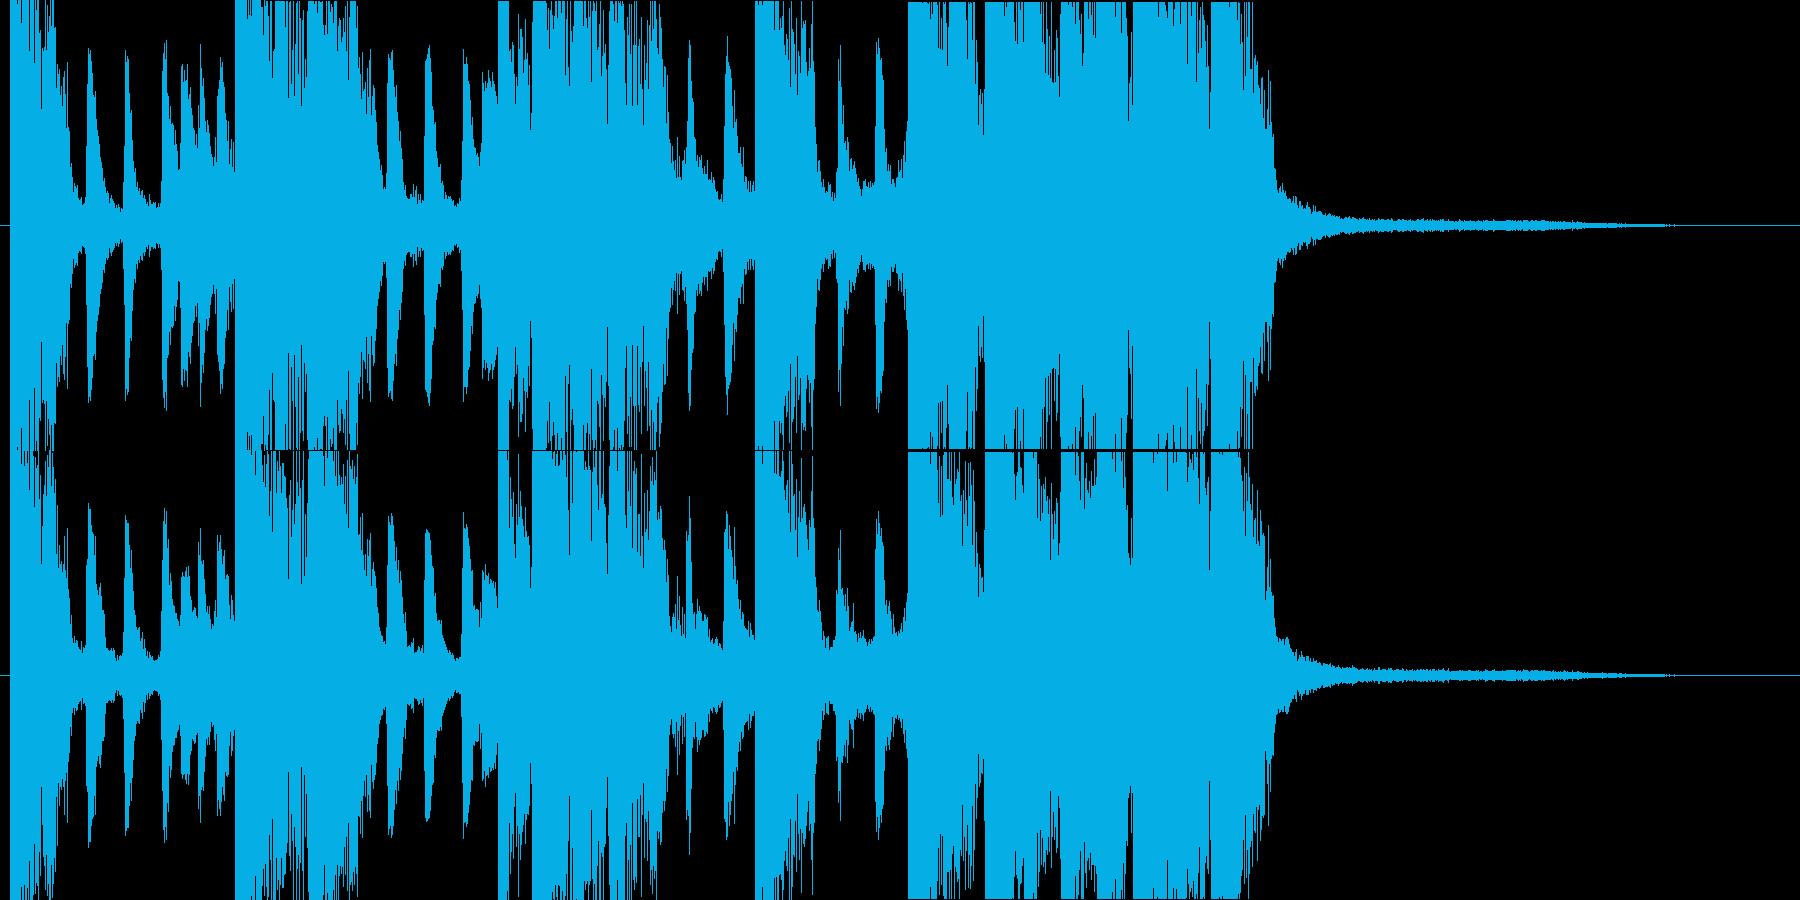 11秒・三味線和風バンド派手目のジングルの再生済みの波形